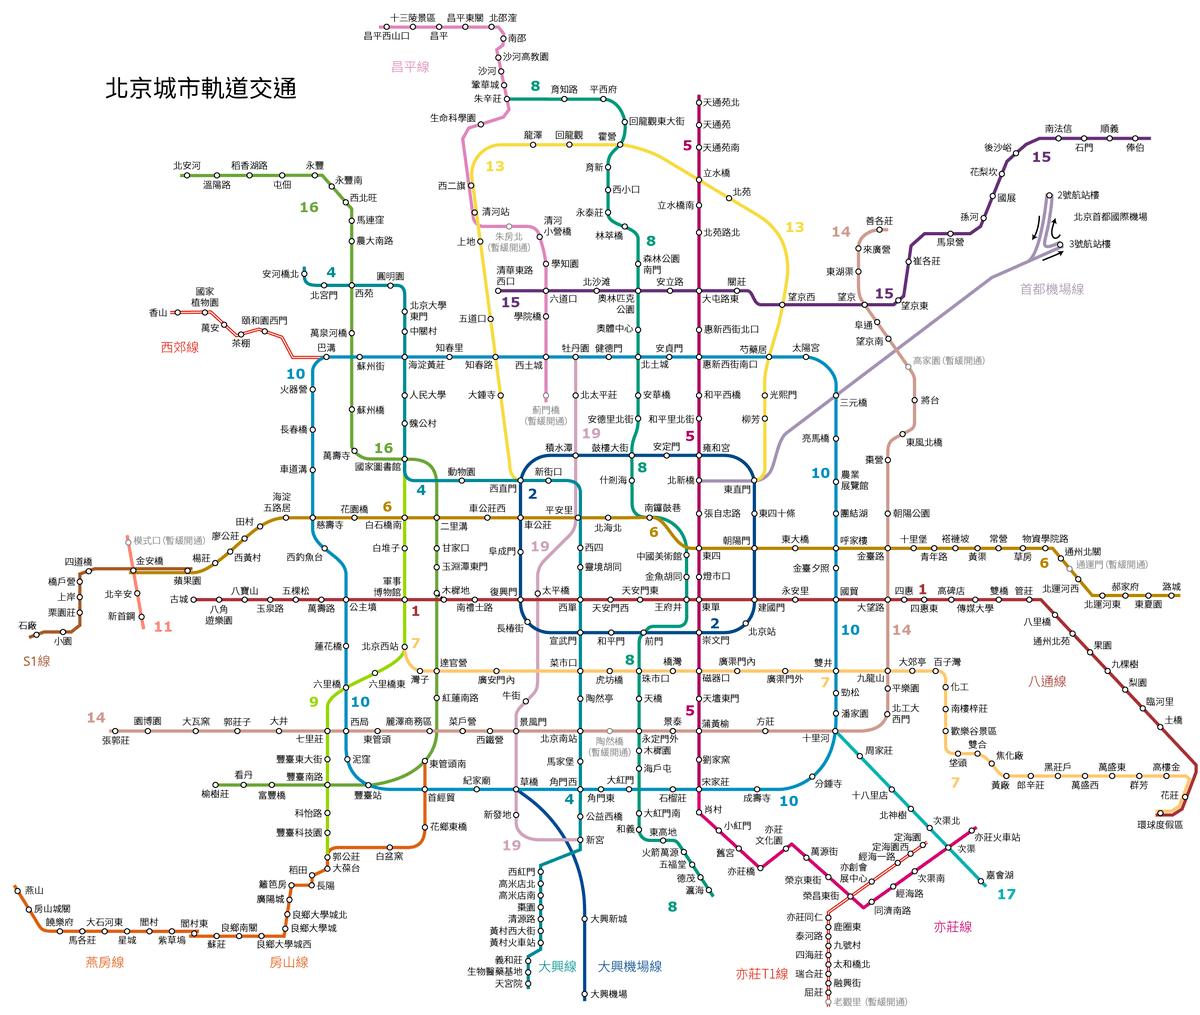 北京地鐵 - 維基大典